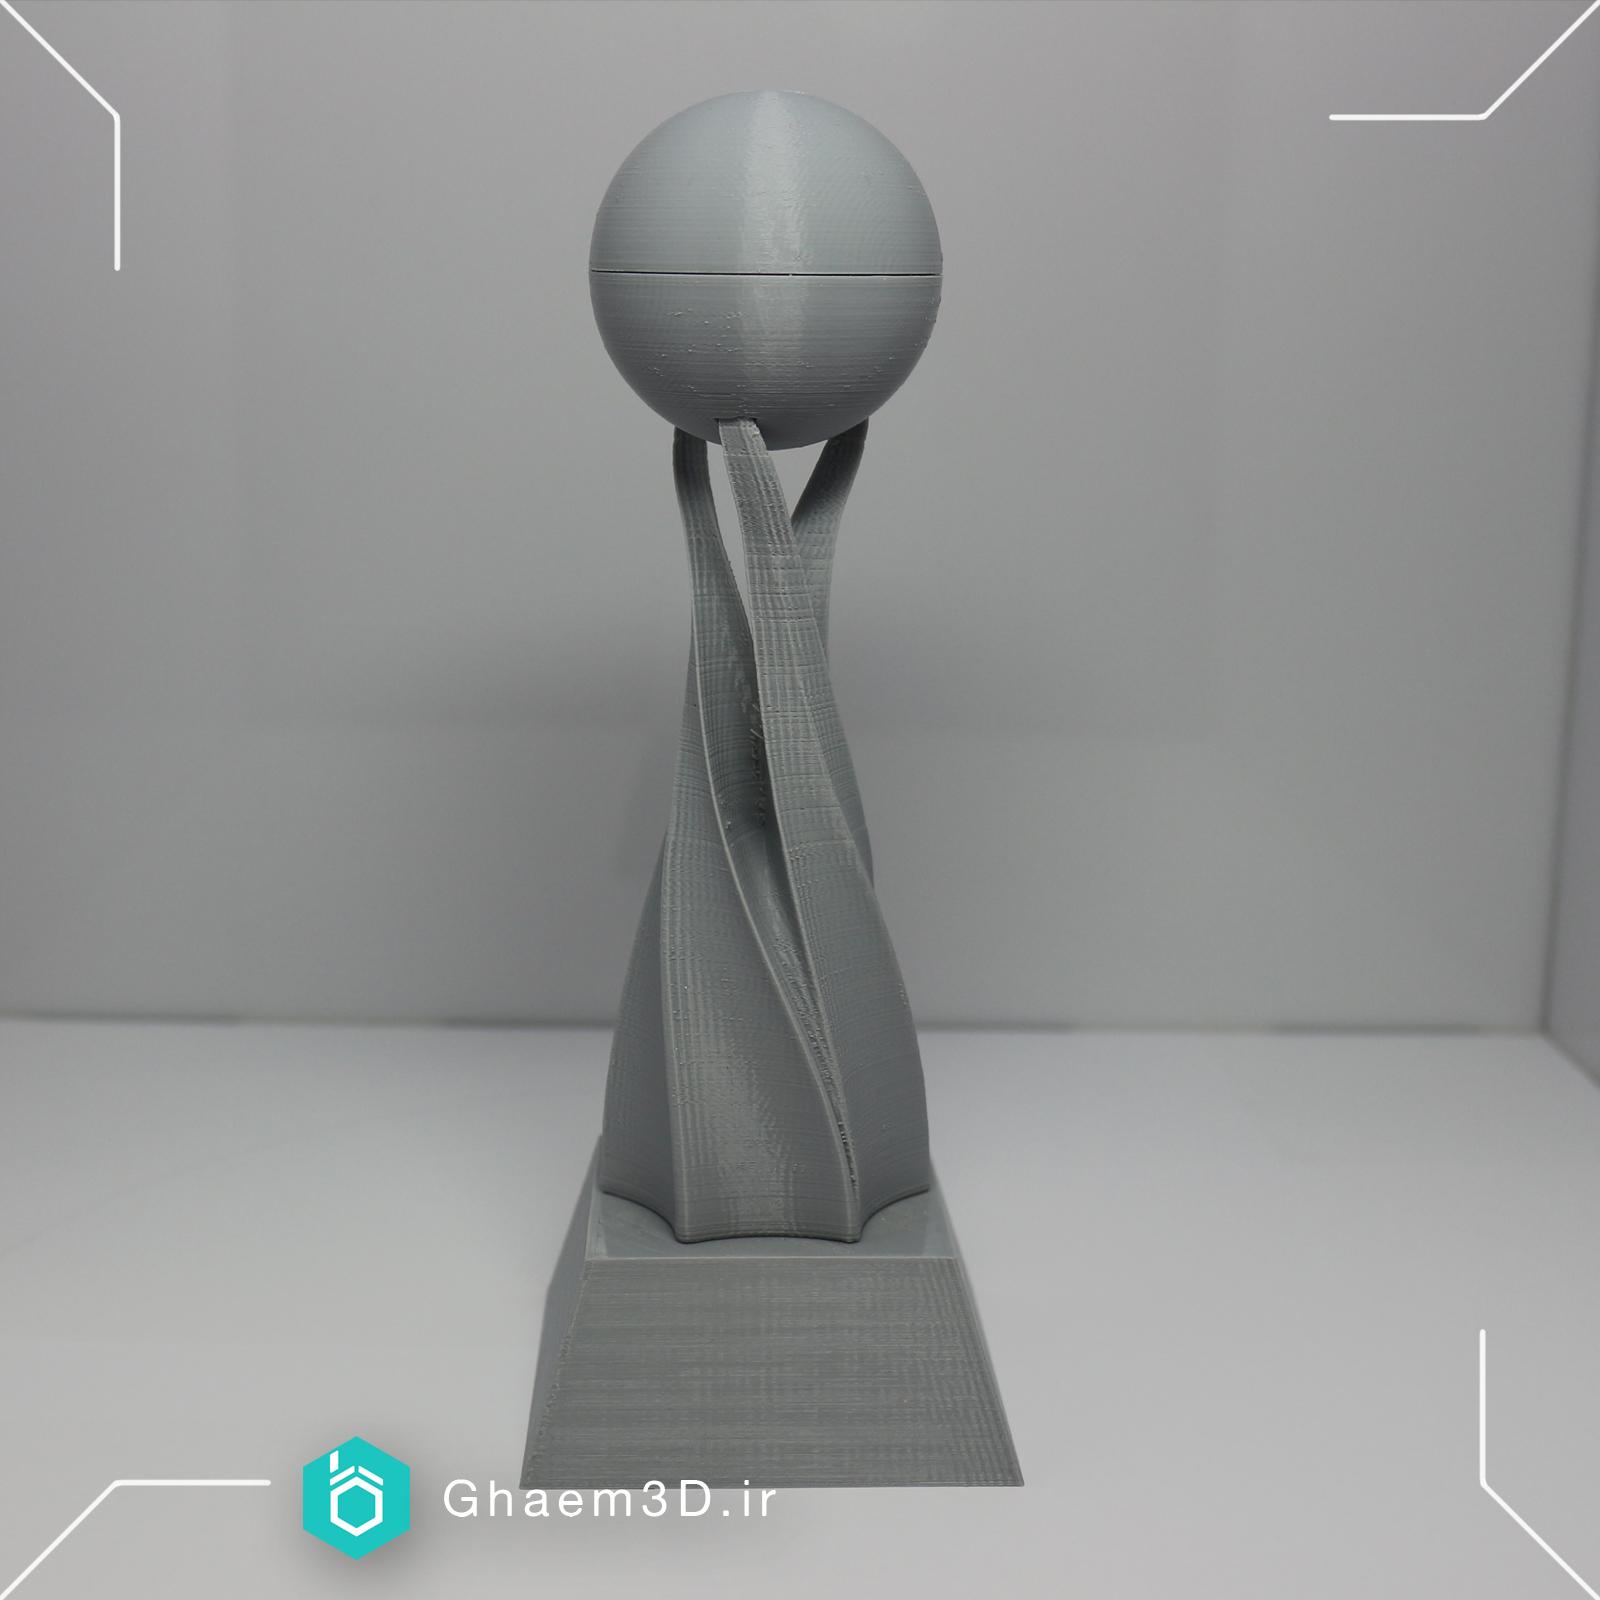 ساخت تندیس با پرینتر سه بعدی